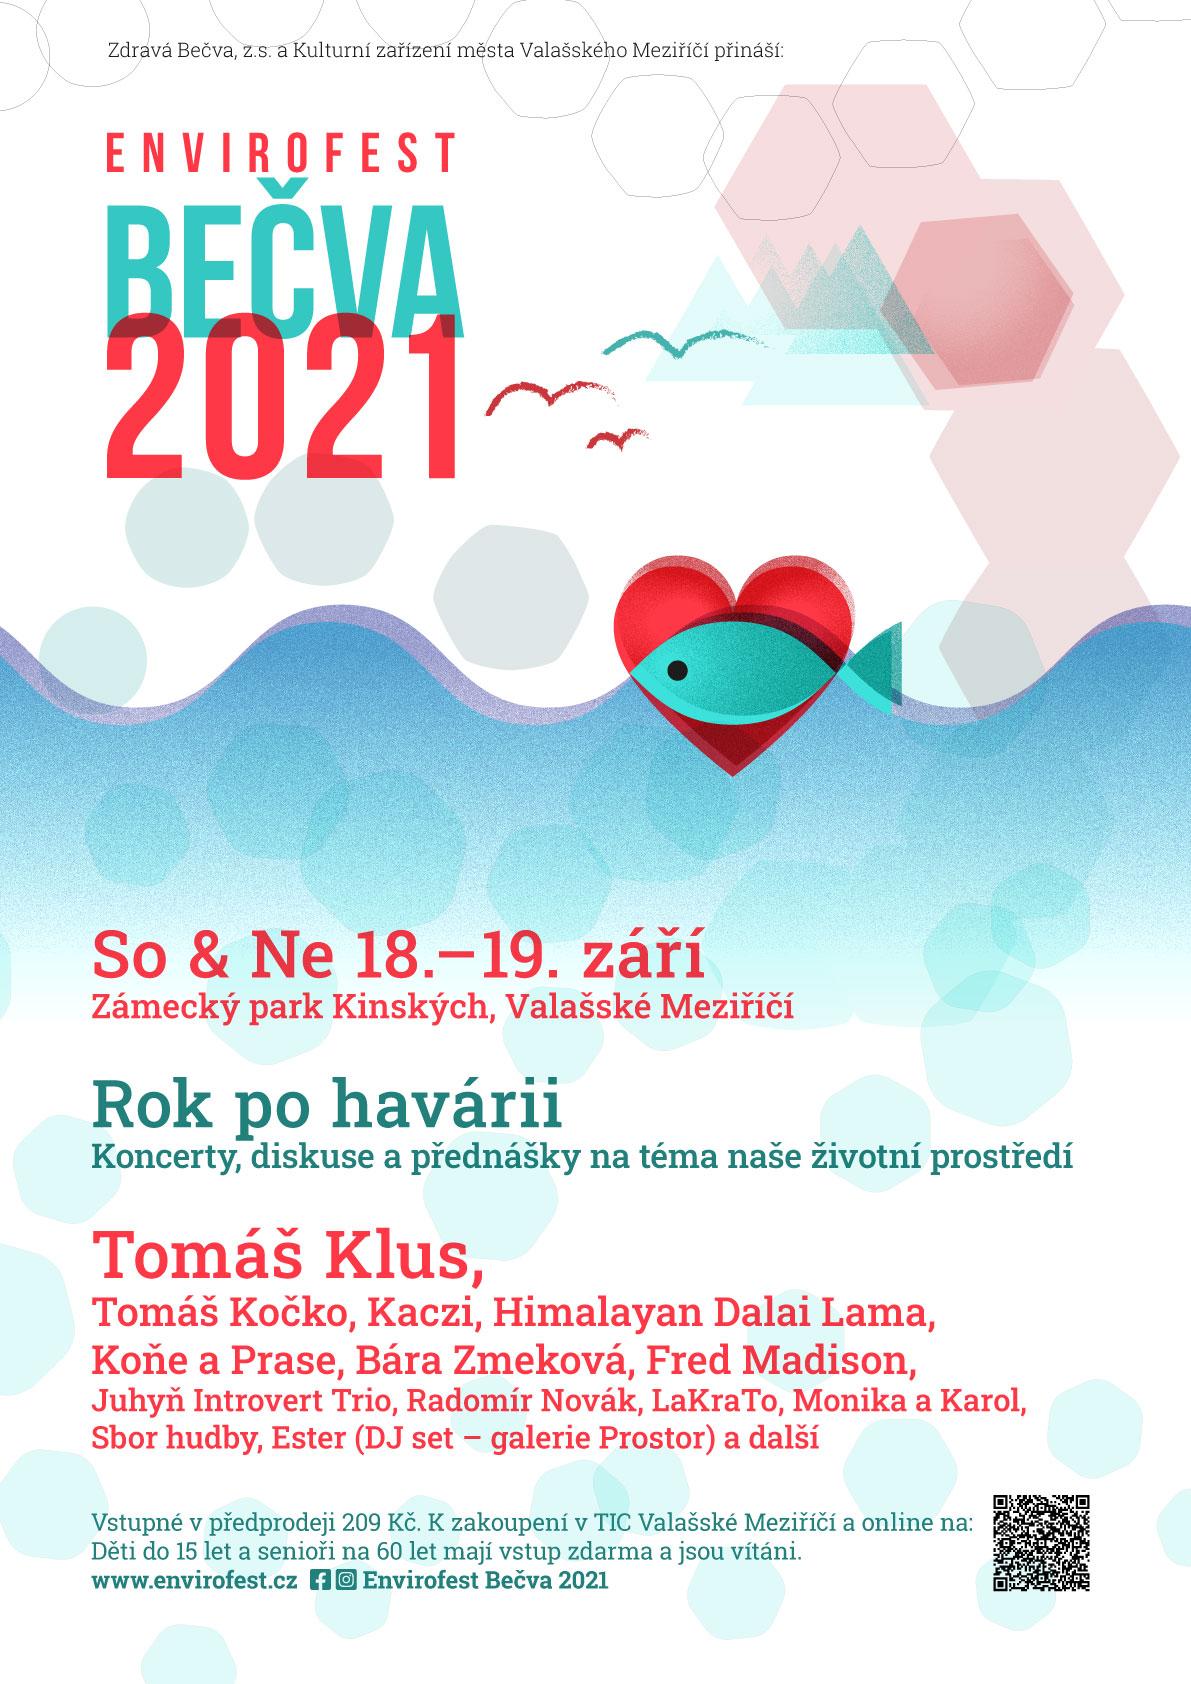 Envirofest Bečva 2021